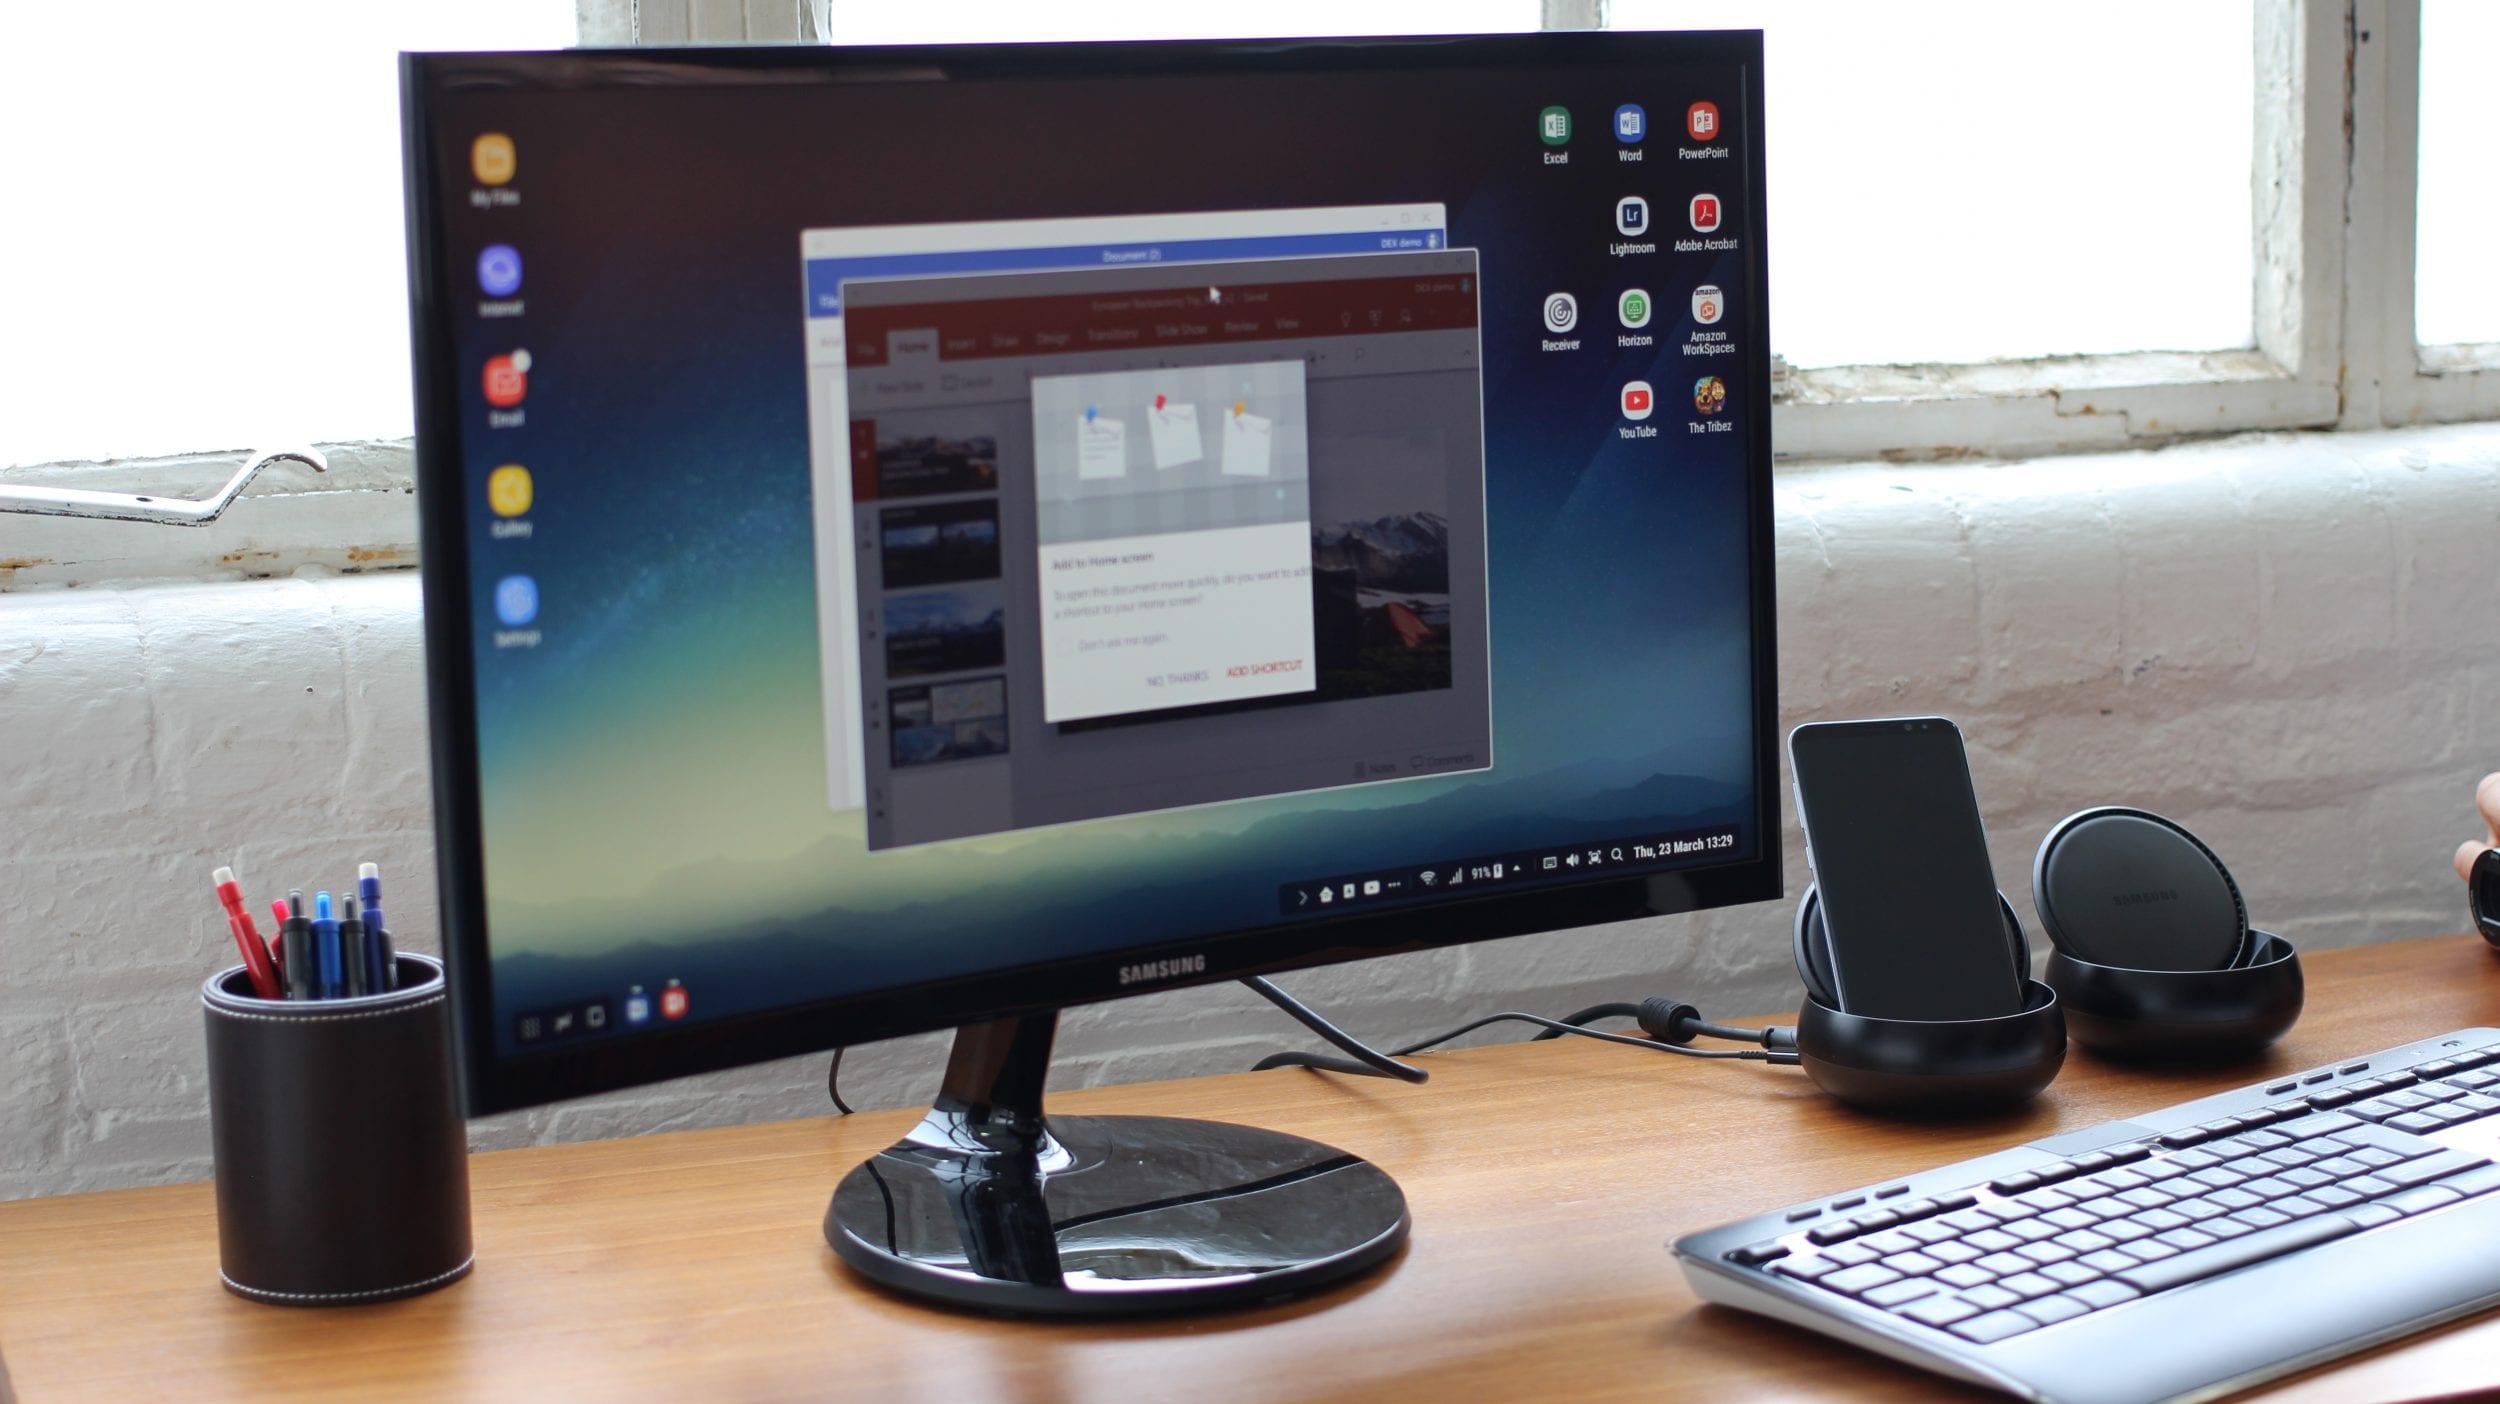 7 giorni con Samsung DeX su Galaxy S10 5G: una finestra sul futuro? (video)